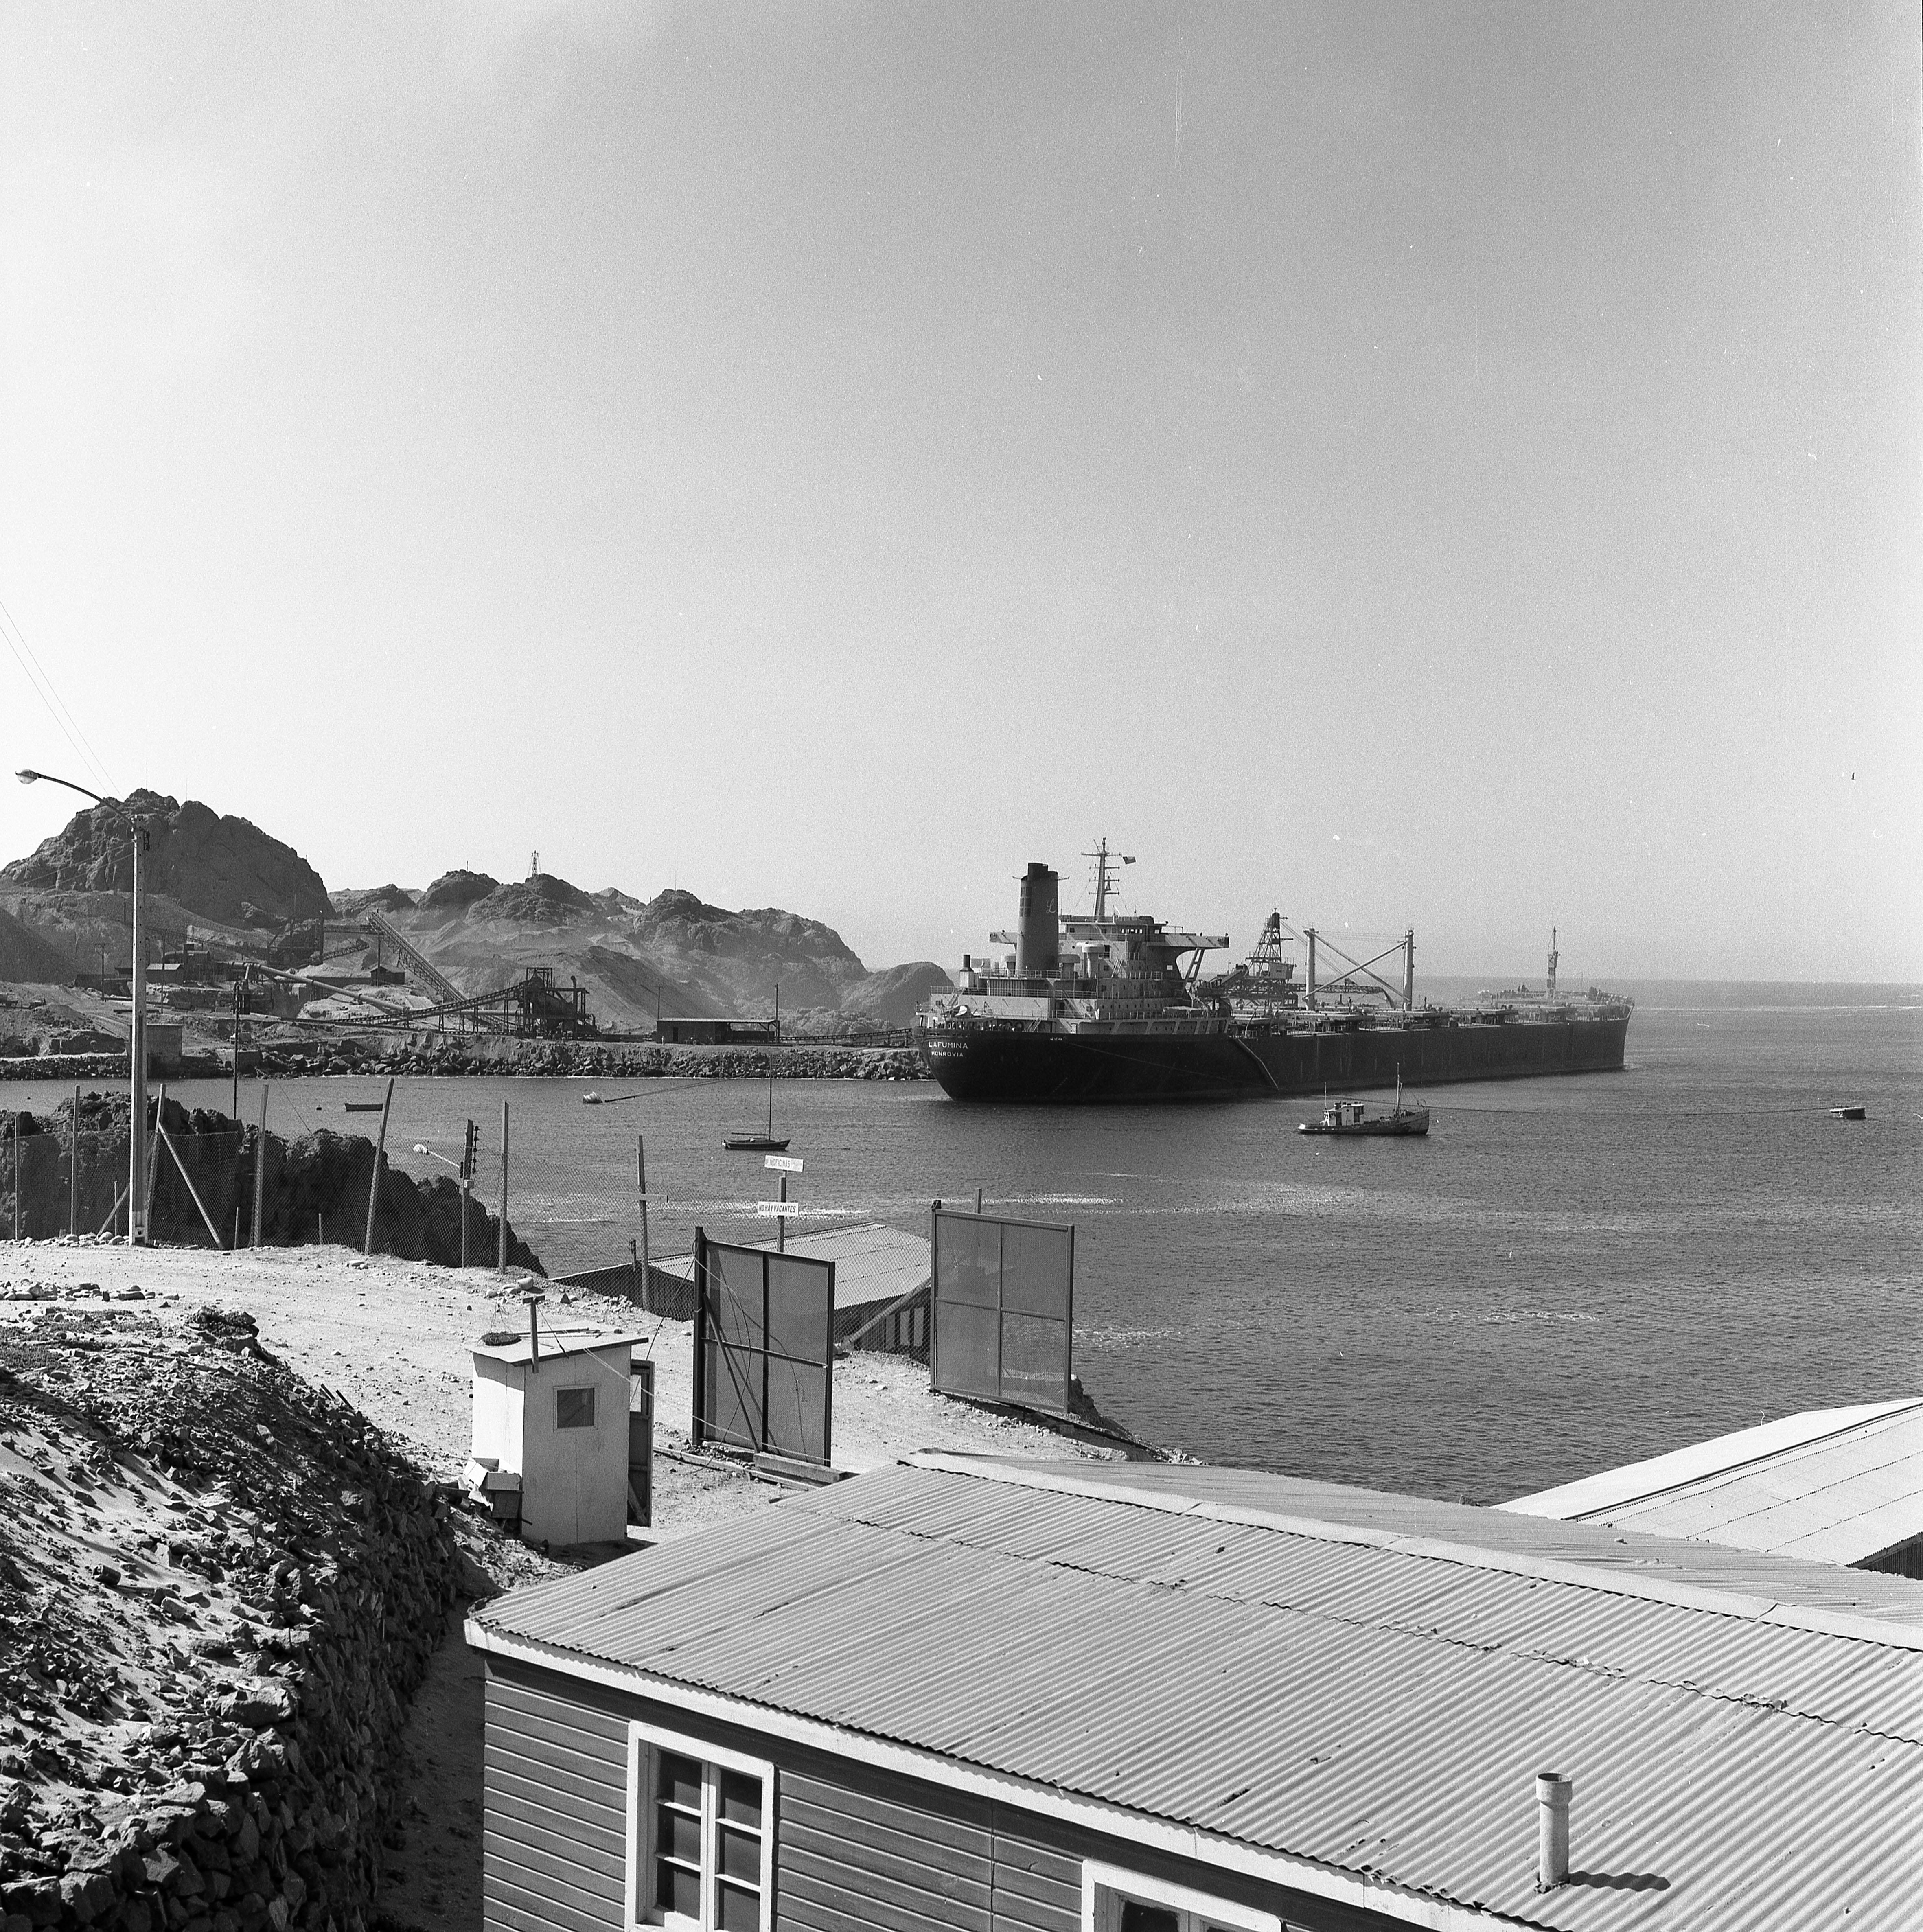 Enterreno - Fotos históricas de chile - fotos antiguas de Chile - Embarque Mineral Hierro-Puerto Guacolda-CAP 1976